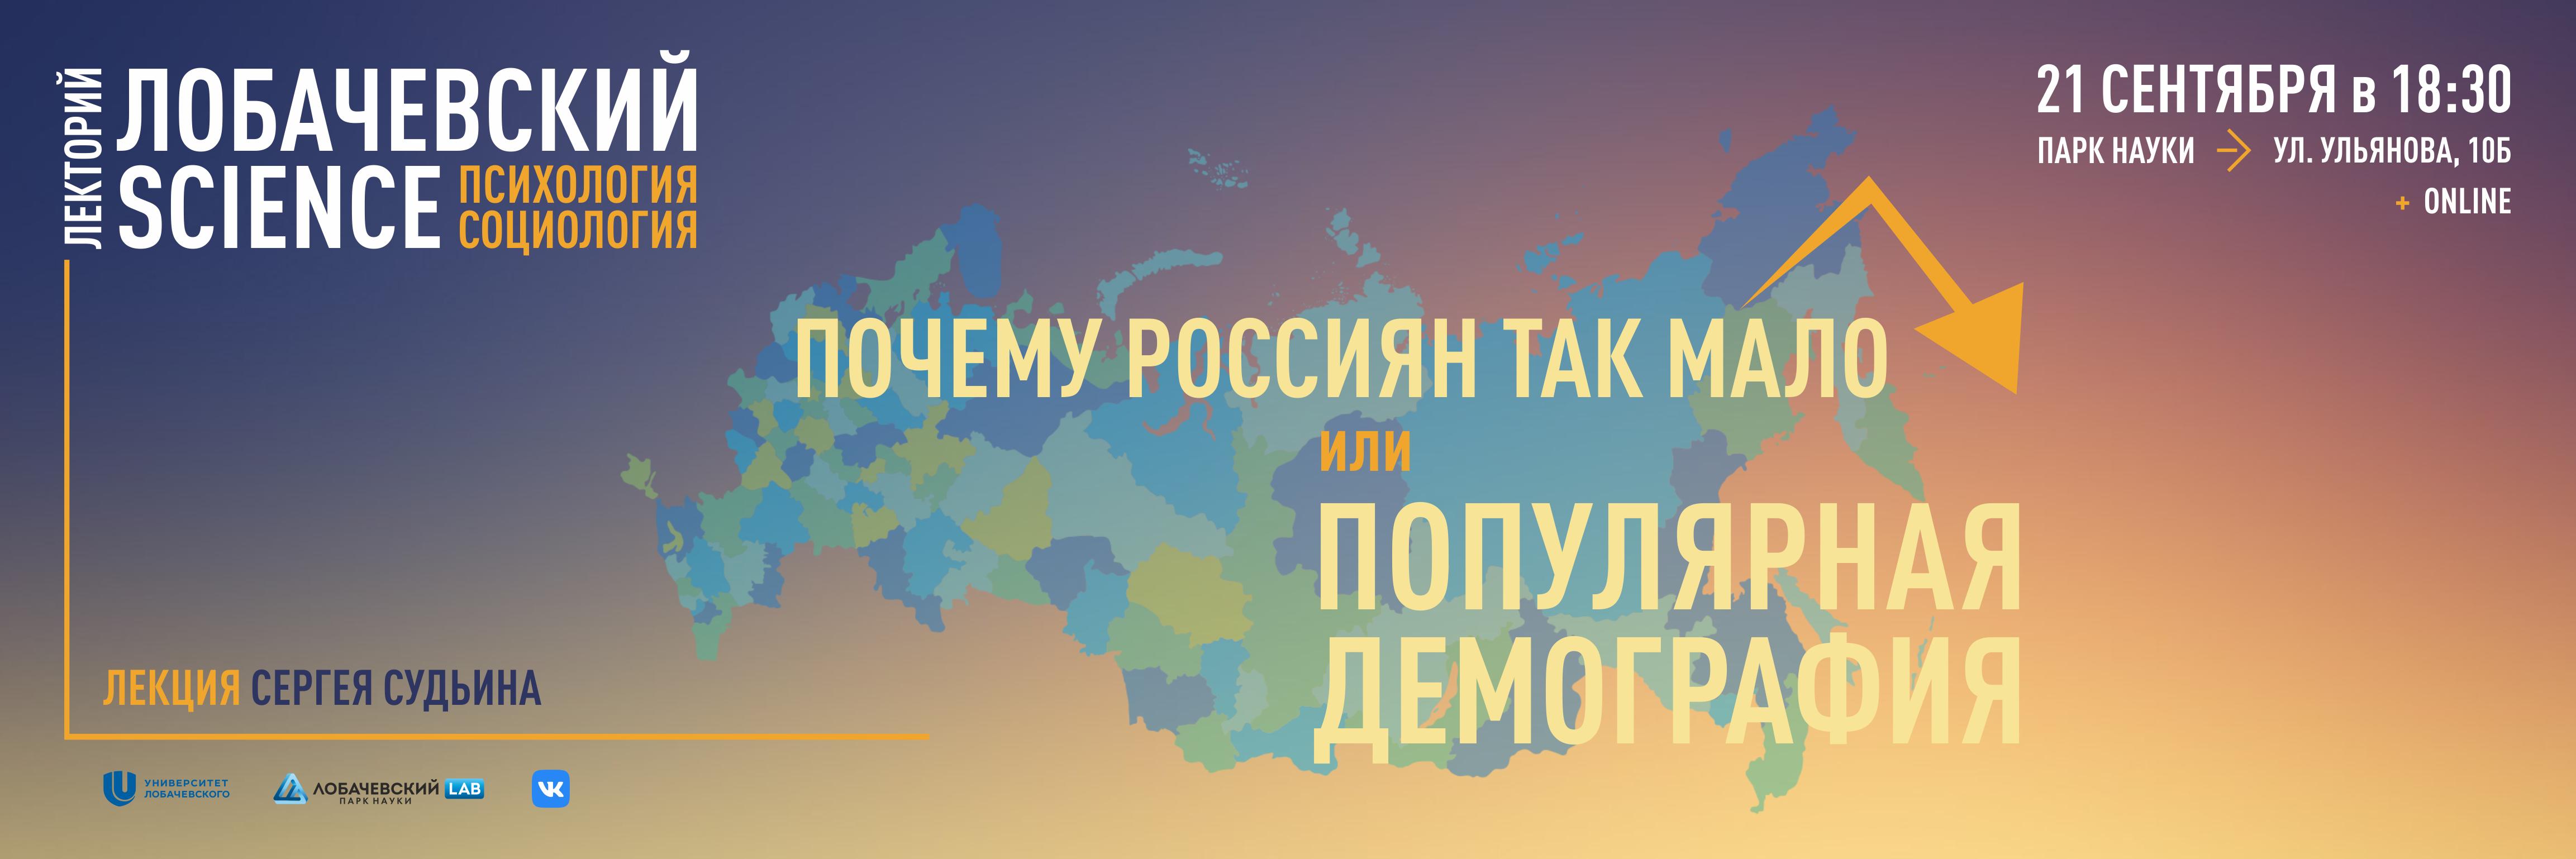 Лекция Сергея Судьина «Почему россиян так мало или Популярная демография»